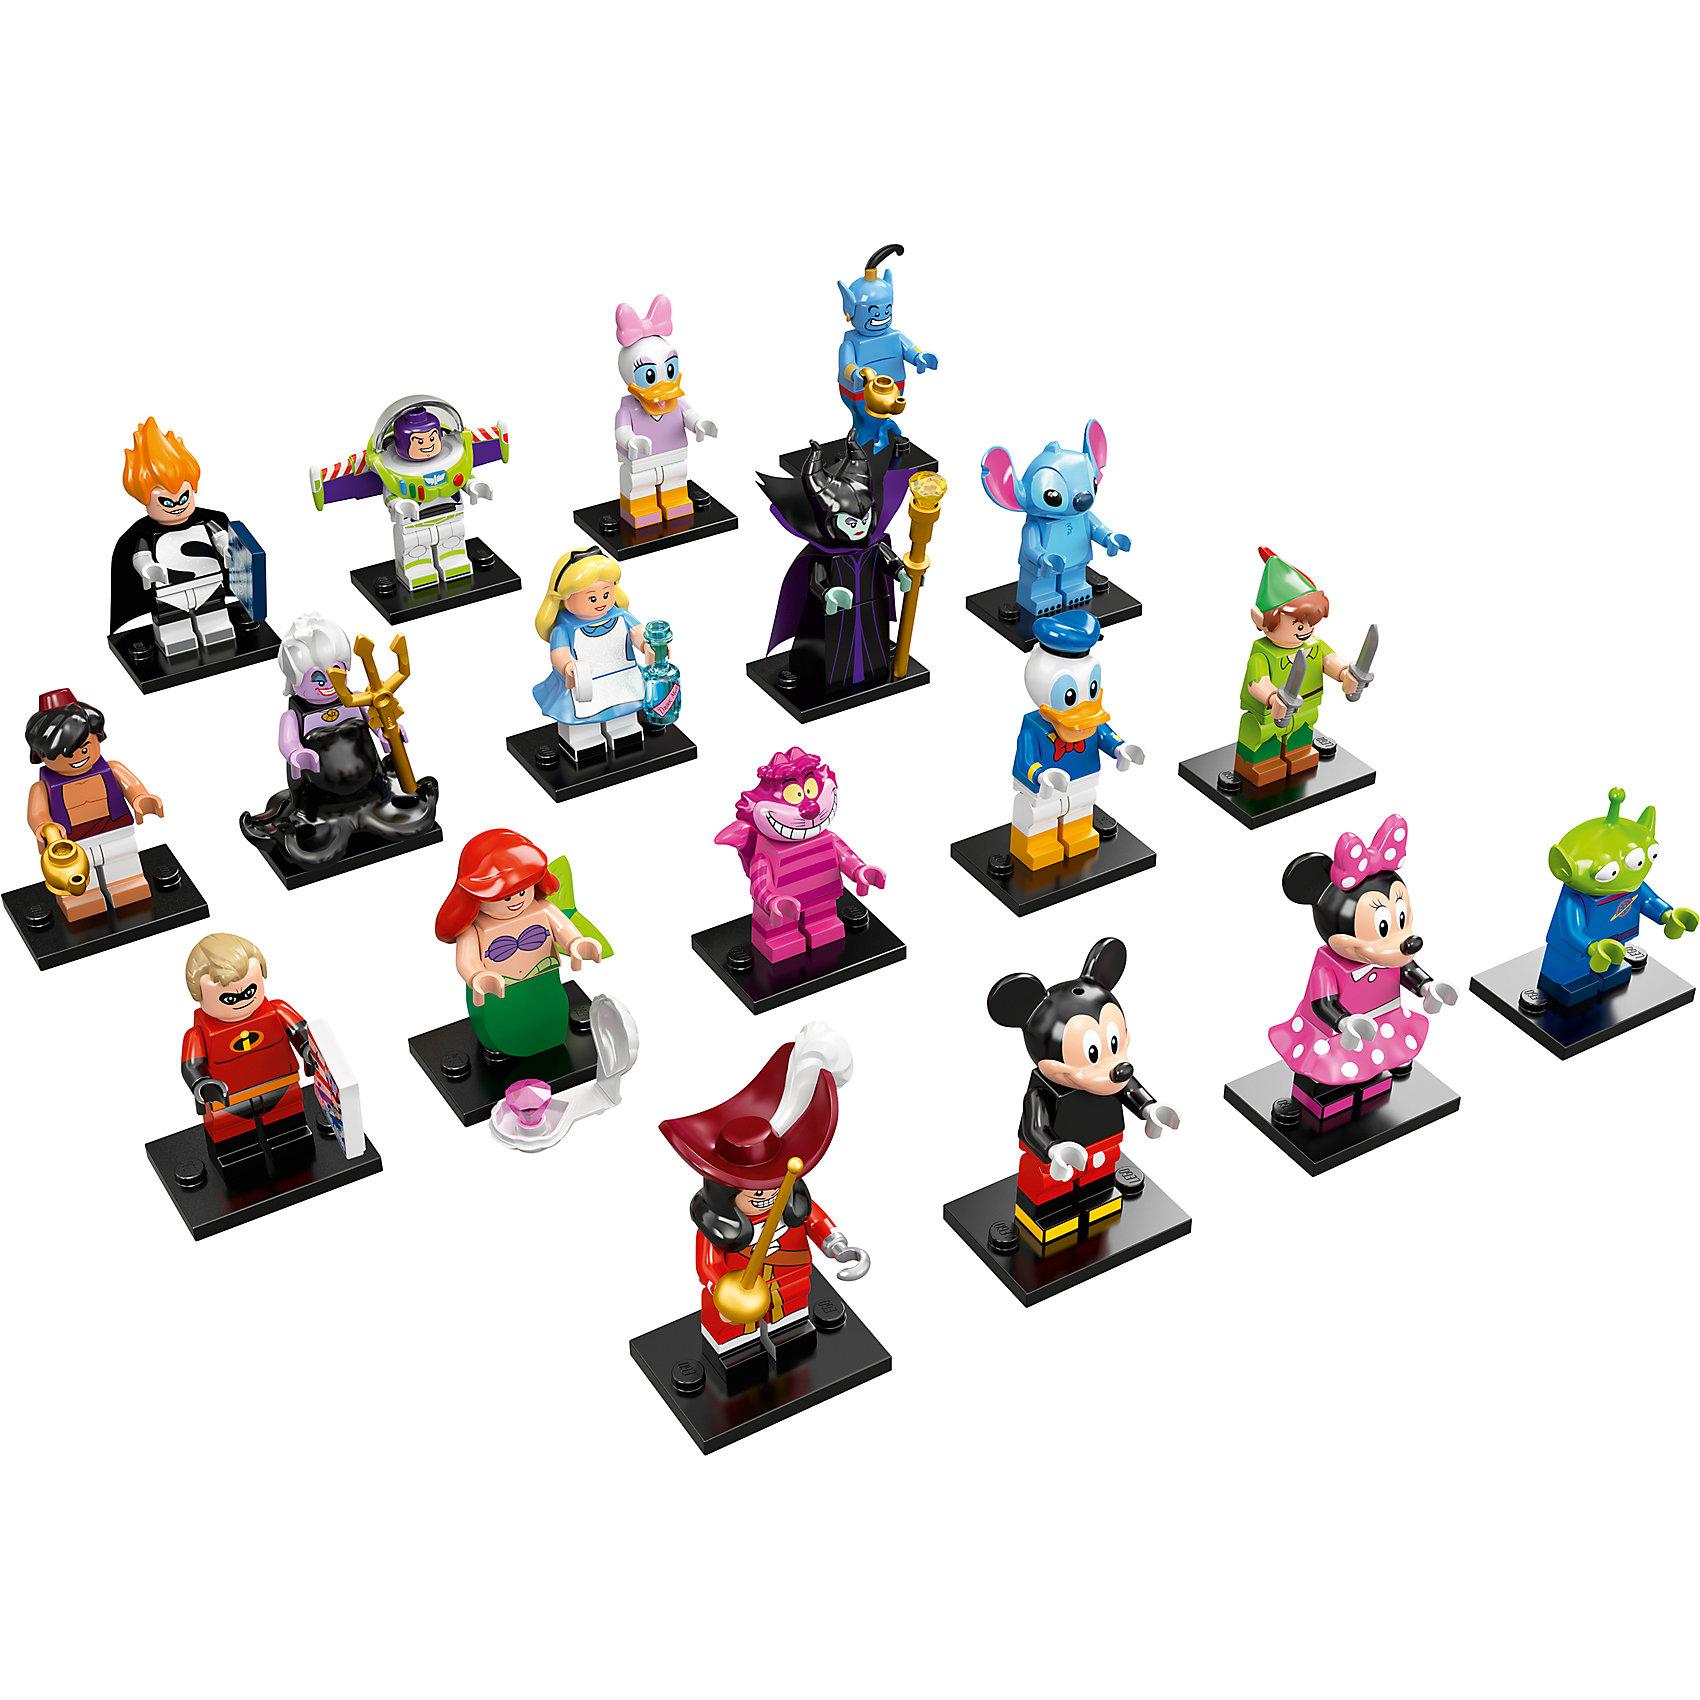 LEGO 71012: Минифигурки, серия ДиснейНовая серия минифигурок от ЛЕГО порадует всех любителей и коллекционеров.<br><br>Дополнительная информация:<br><br>В комплекте одна минифигурка-героя мультфильмов компании Дисней.<br>ВНИМАНИЕ! Данный артикул представлен в разных вариантах исполнения. К сожалению, заранее выбрать определенный вариант невозможно. При заказе нескольких минифигурок возможно получение одинаковых.<br>Возможные варианты: Mickey Mouse (Мики Маус), Minnie Mouse (Минни Маус), Donald Duck (Дональд Дак), Daisy Duck (Дейзи), Ariel (Ариэль), Ursula (Урсула), Peter Pan (Питер Пен), Captain Hook (Капитан Крюк), Stitch, Alice (Алиса), Cheshire Cat (Чеширский Кот), Maleficent, Mr. Incredible, Syndrome, Aladdin, Genie, Buzz Lightyear, Pizza Planet,  Alien.<br><br>LEGO 71012: Минифигурки, серия Дисней (Disney) можно купить в нашем магазине.<br><br>Ширина мм: 120<br>Глубина мм: 90<br>Высота мм: 2<br>Вес г: 11<br>Возраст от месяцев: 60<br>Возраст до месяцев: 144<br>Пол: Унисекс<br>Возраст: Детский<br>SKU: 4641214